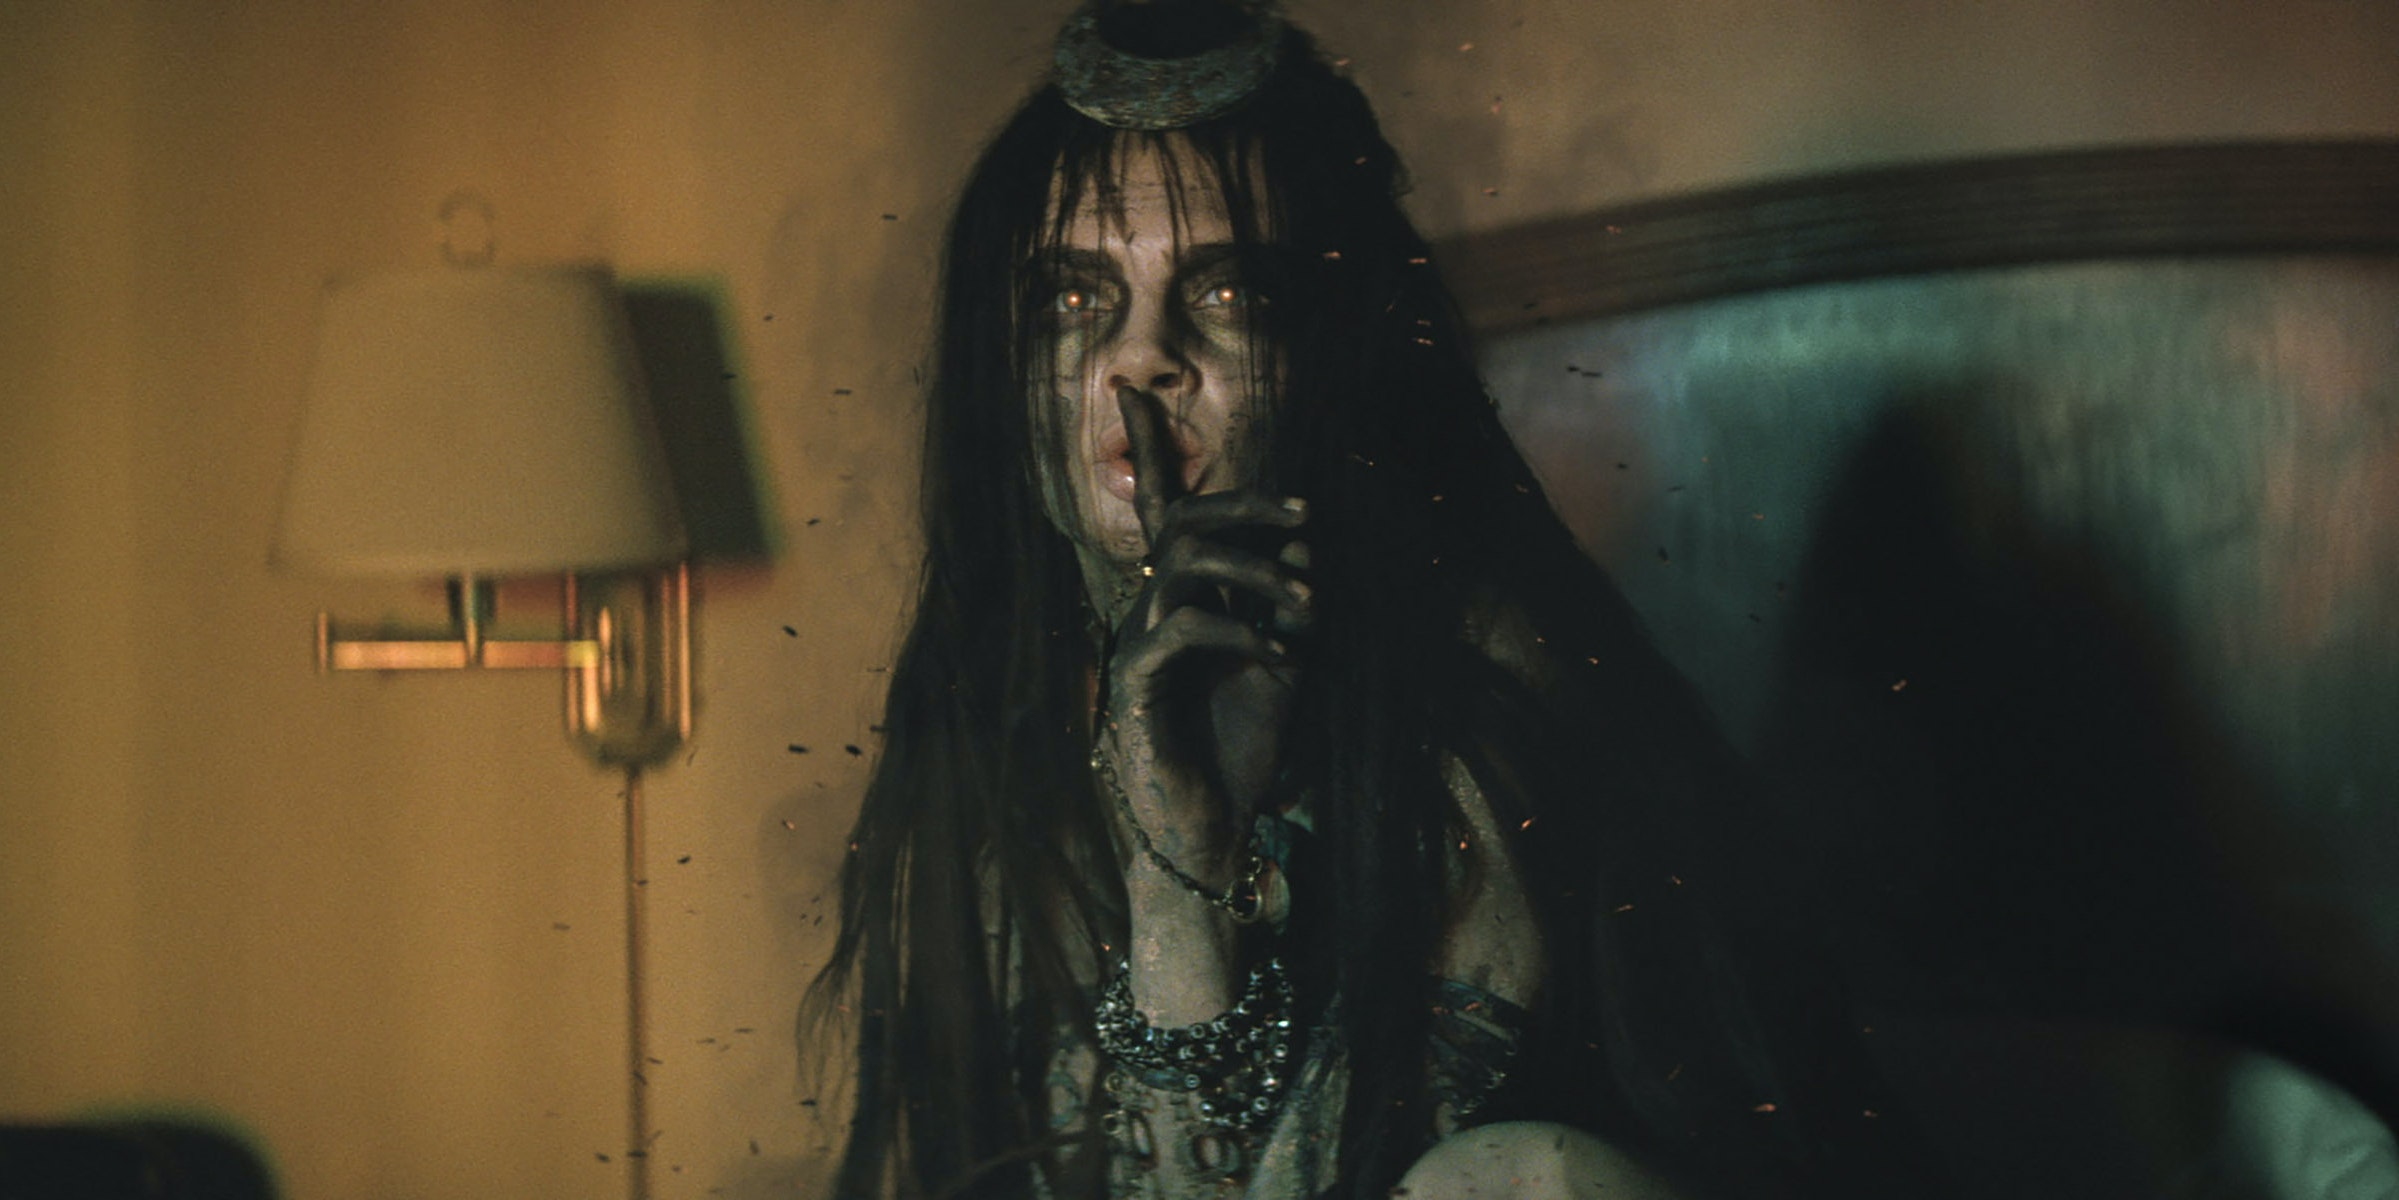 Cara Delevigne as Enchantress in 'Suicide Squad'